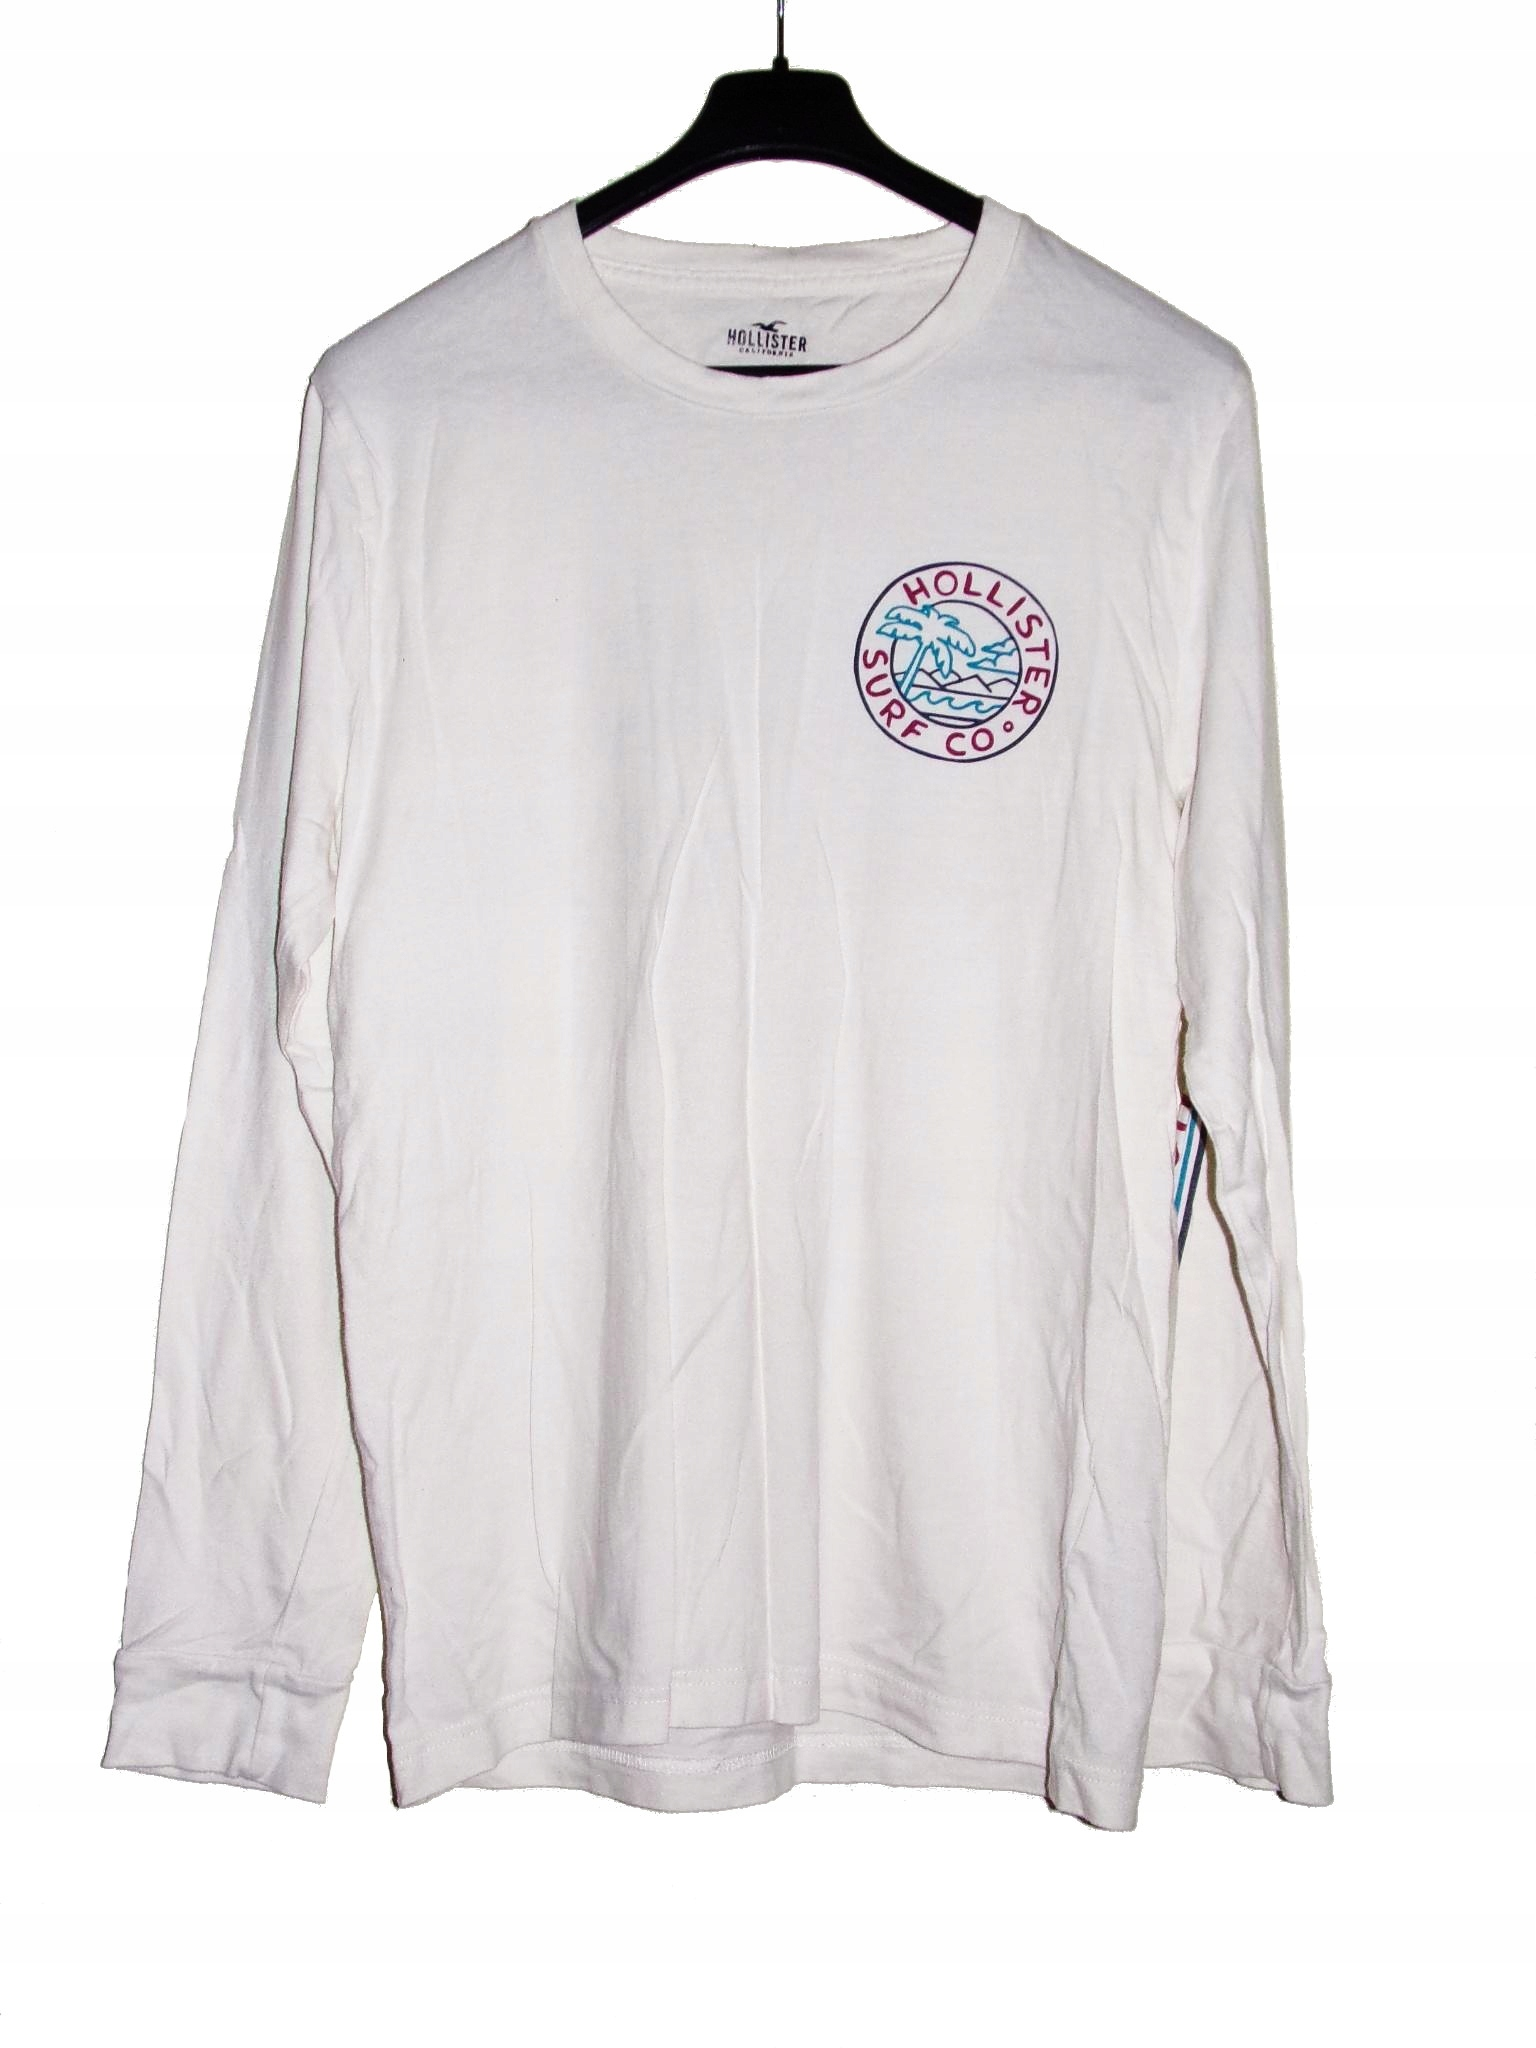 A60 Biała koszulka HOLLISTER z długim rękawem r S